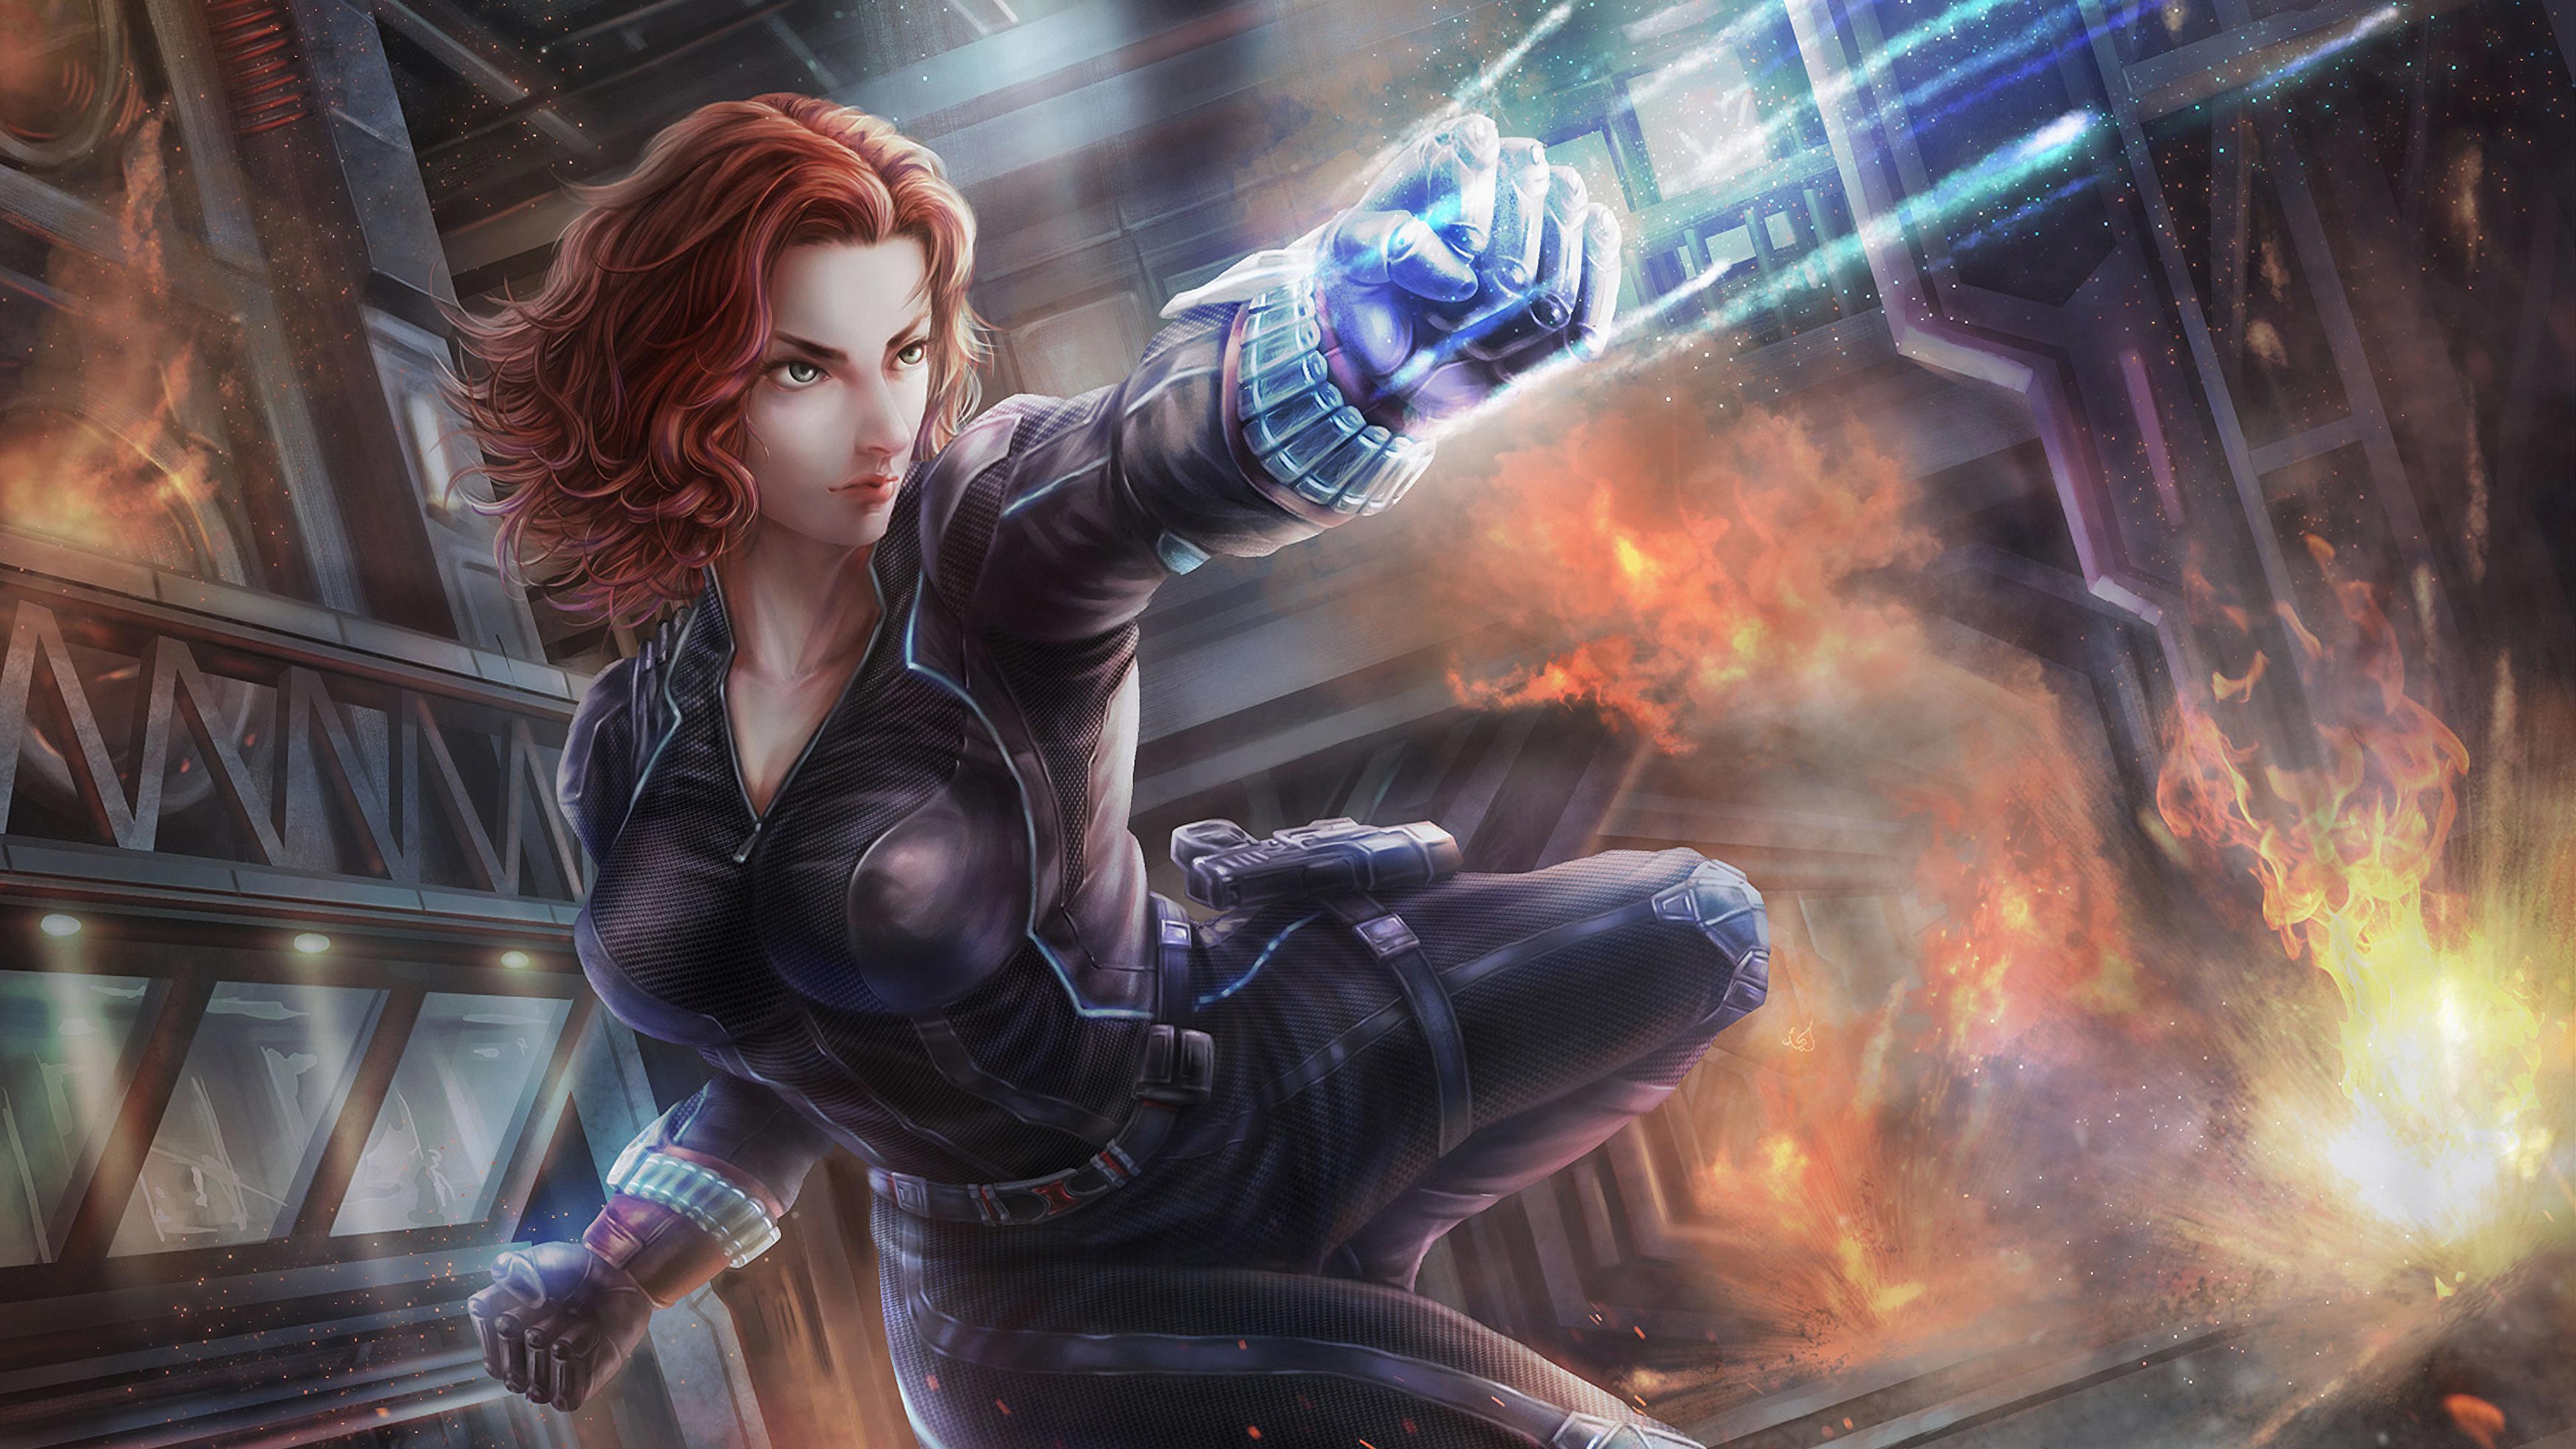 Black Widow 2020, HD Superheroes, 4k Wallpapers, Images